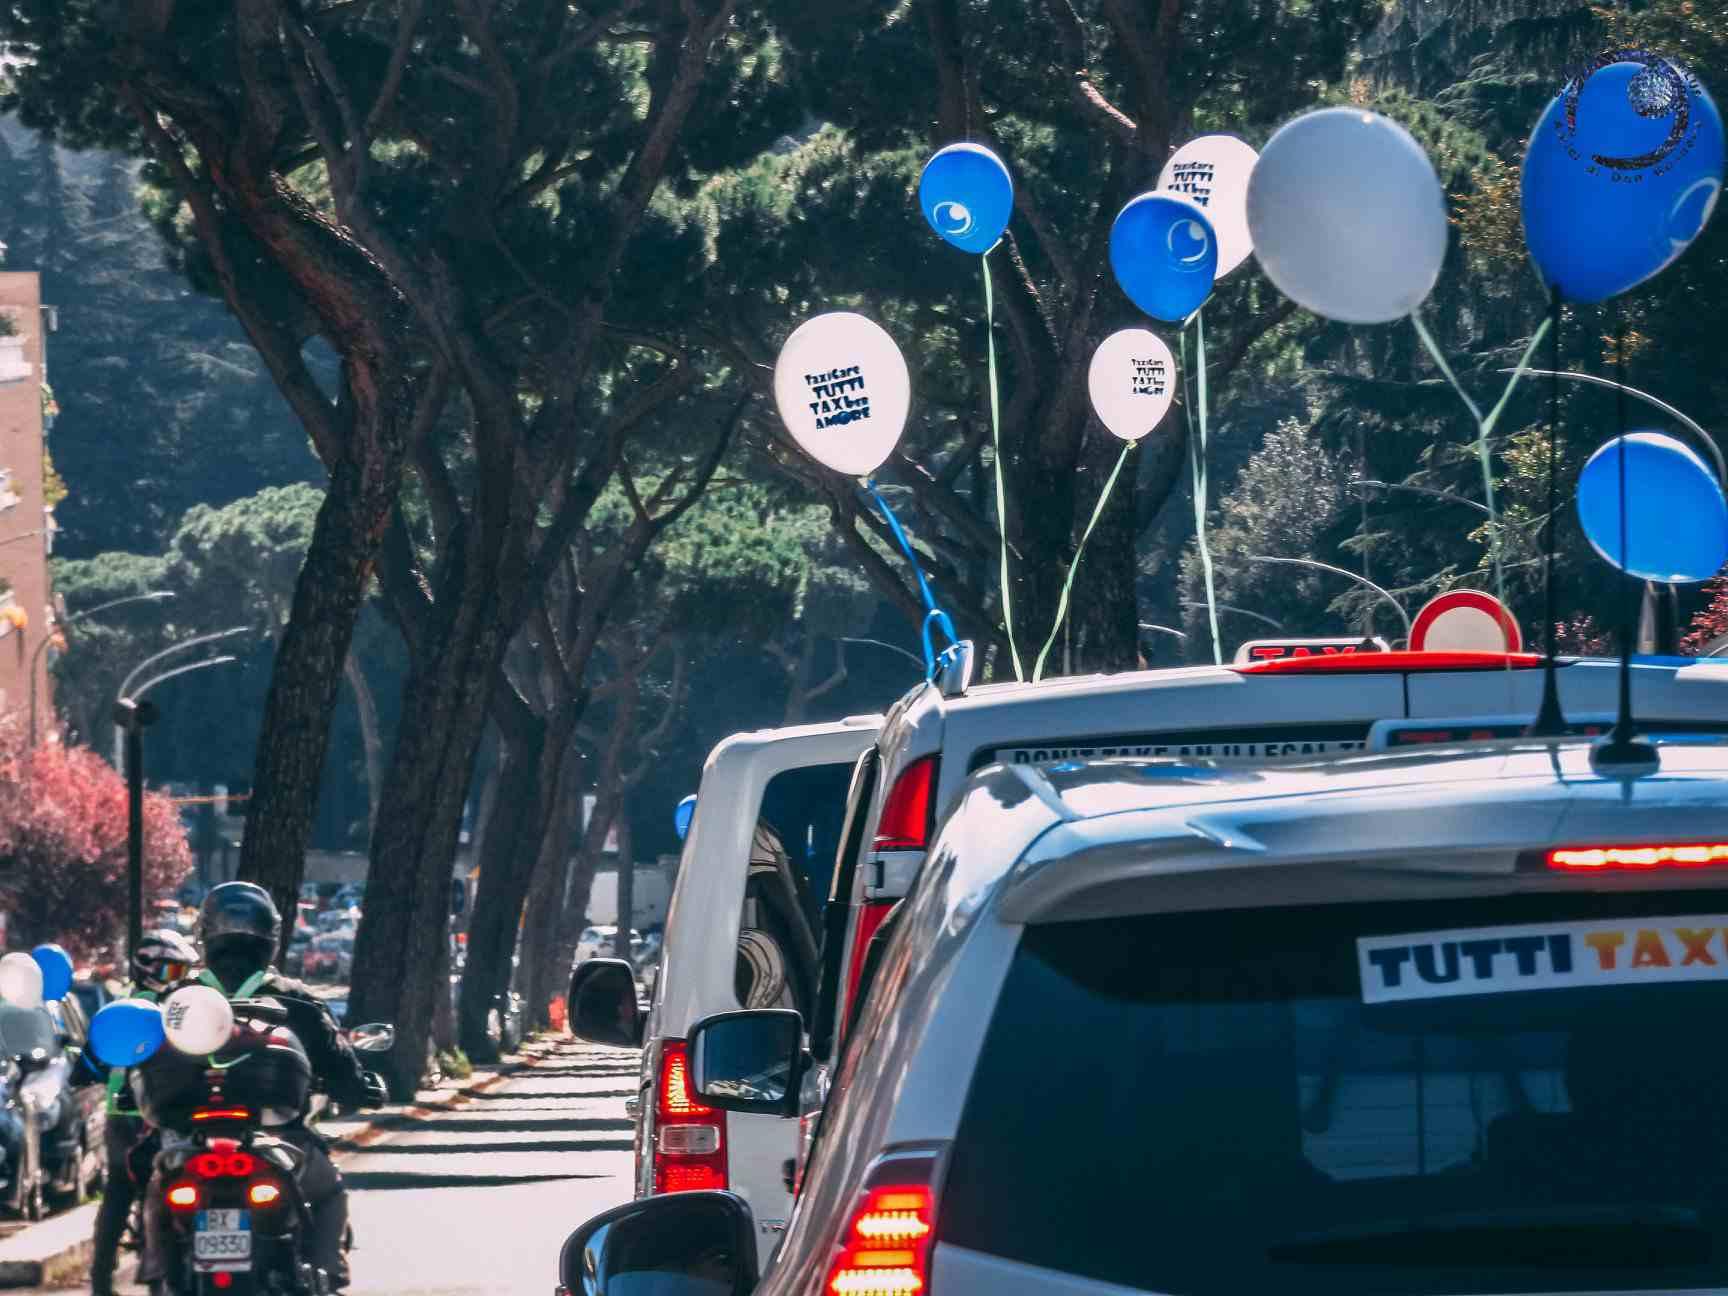 Std & Tutti Taxi per Amore